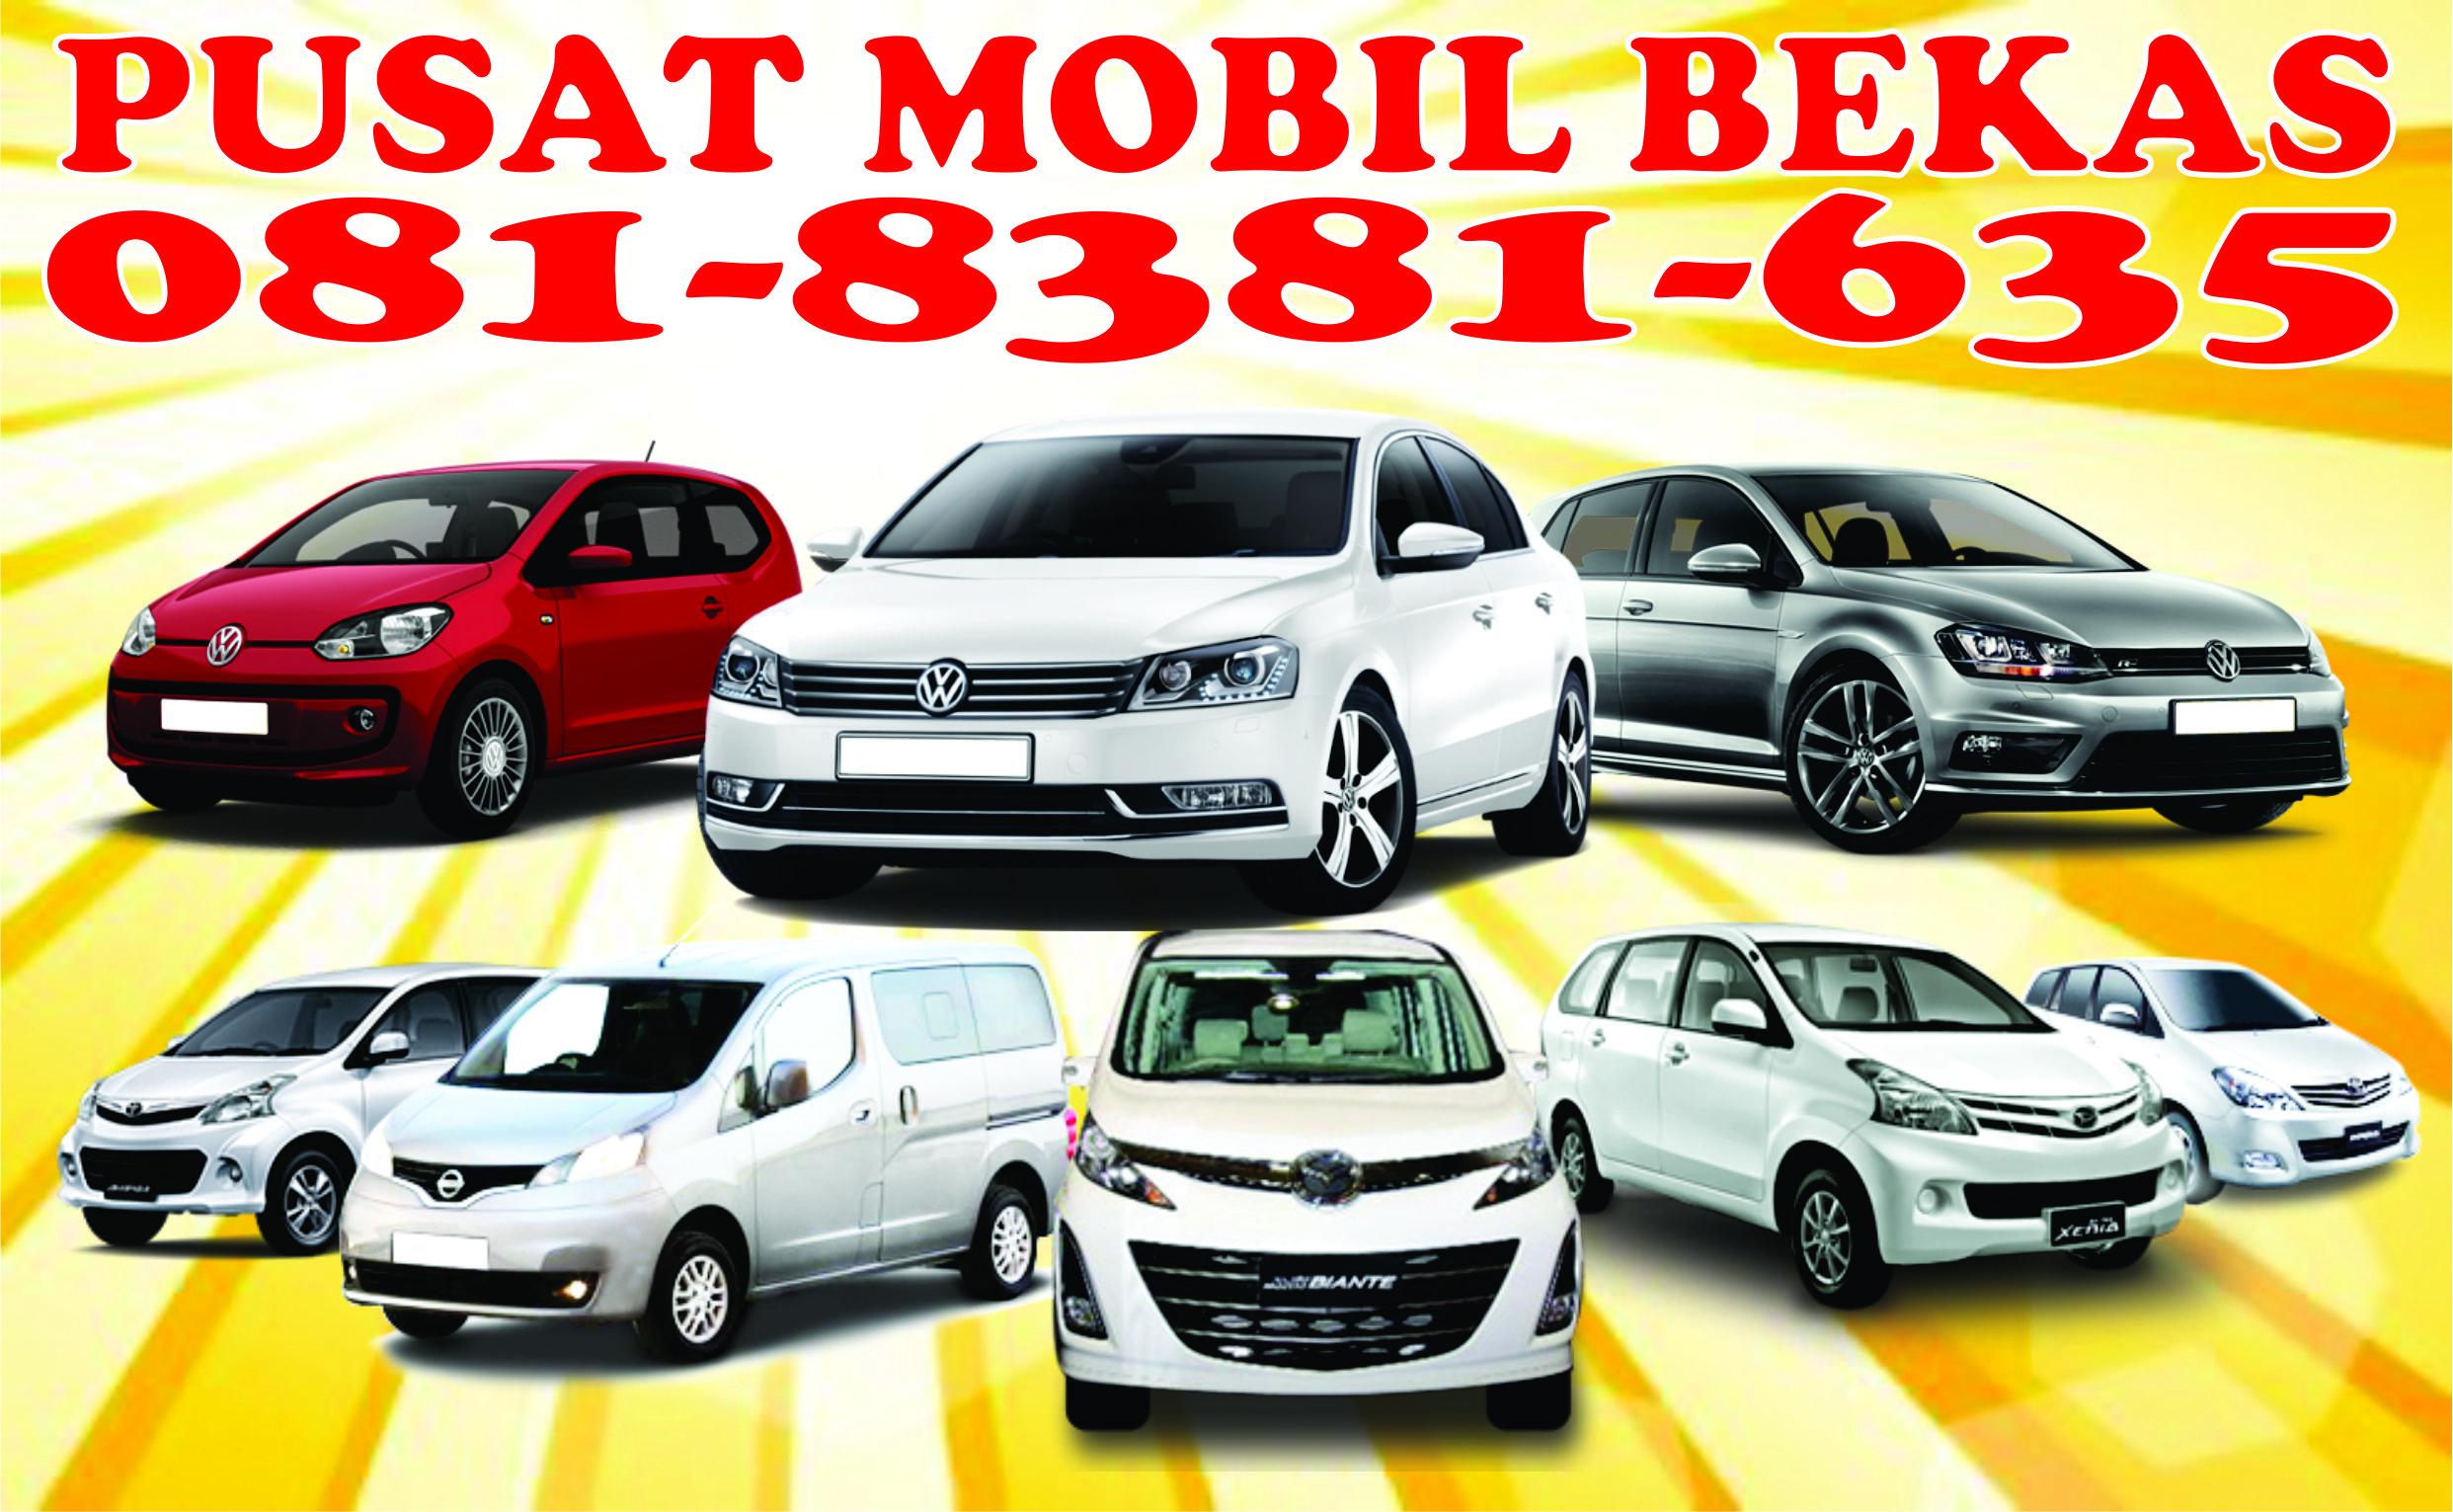 081 8381 635 Xl Mobil Bekas Olx Di Surabaya Jual Mobil Bekas